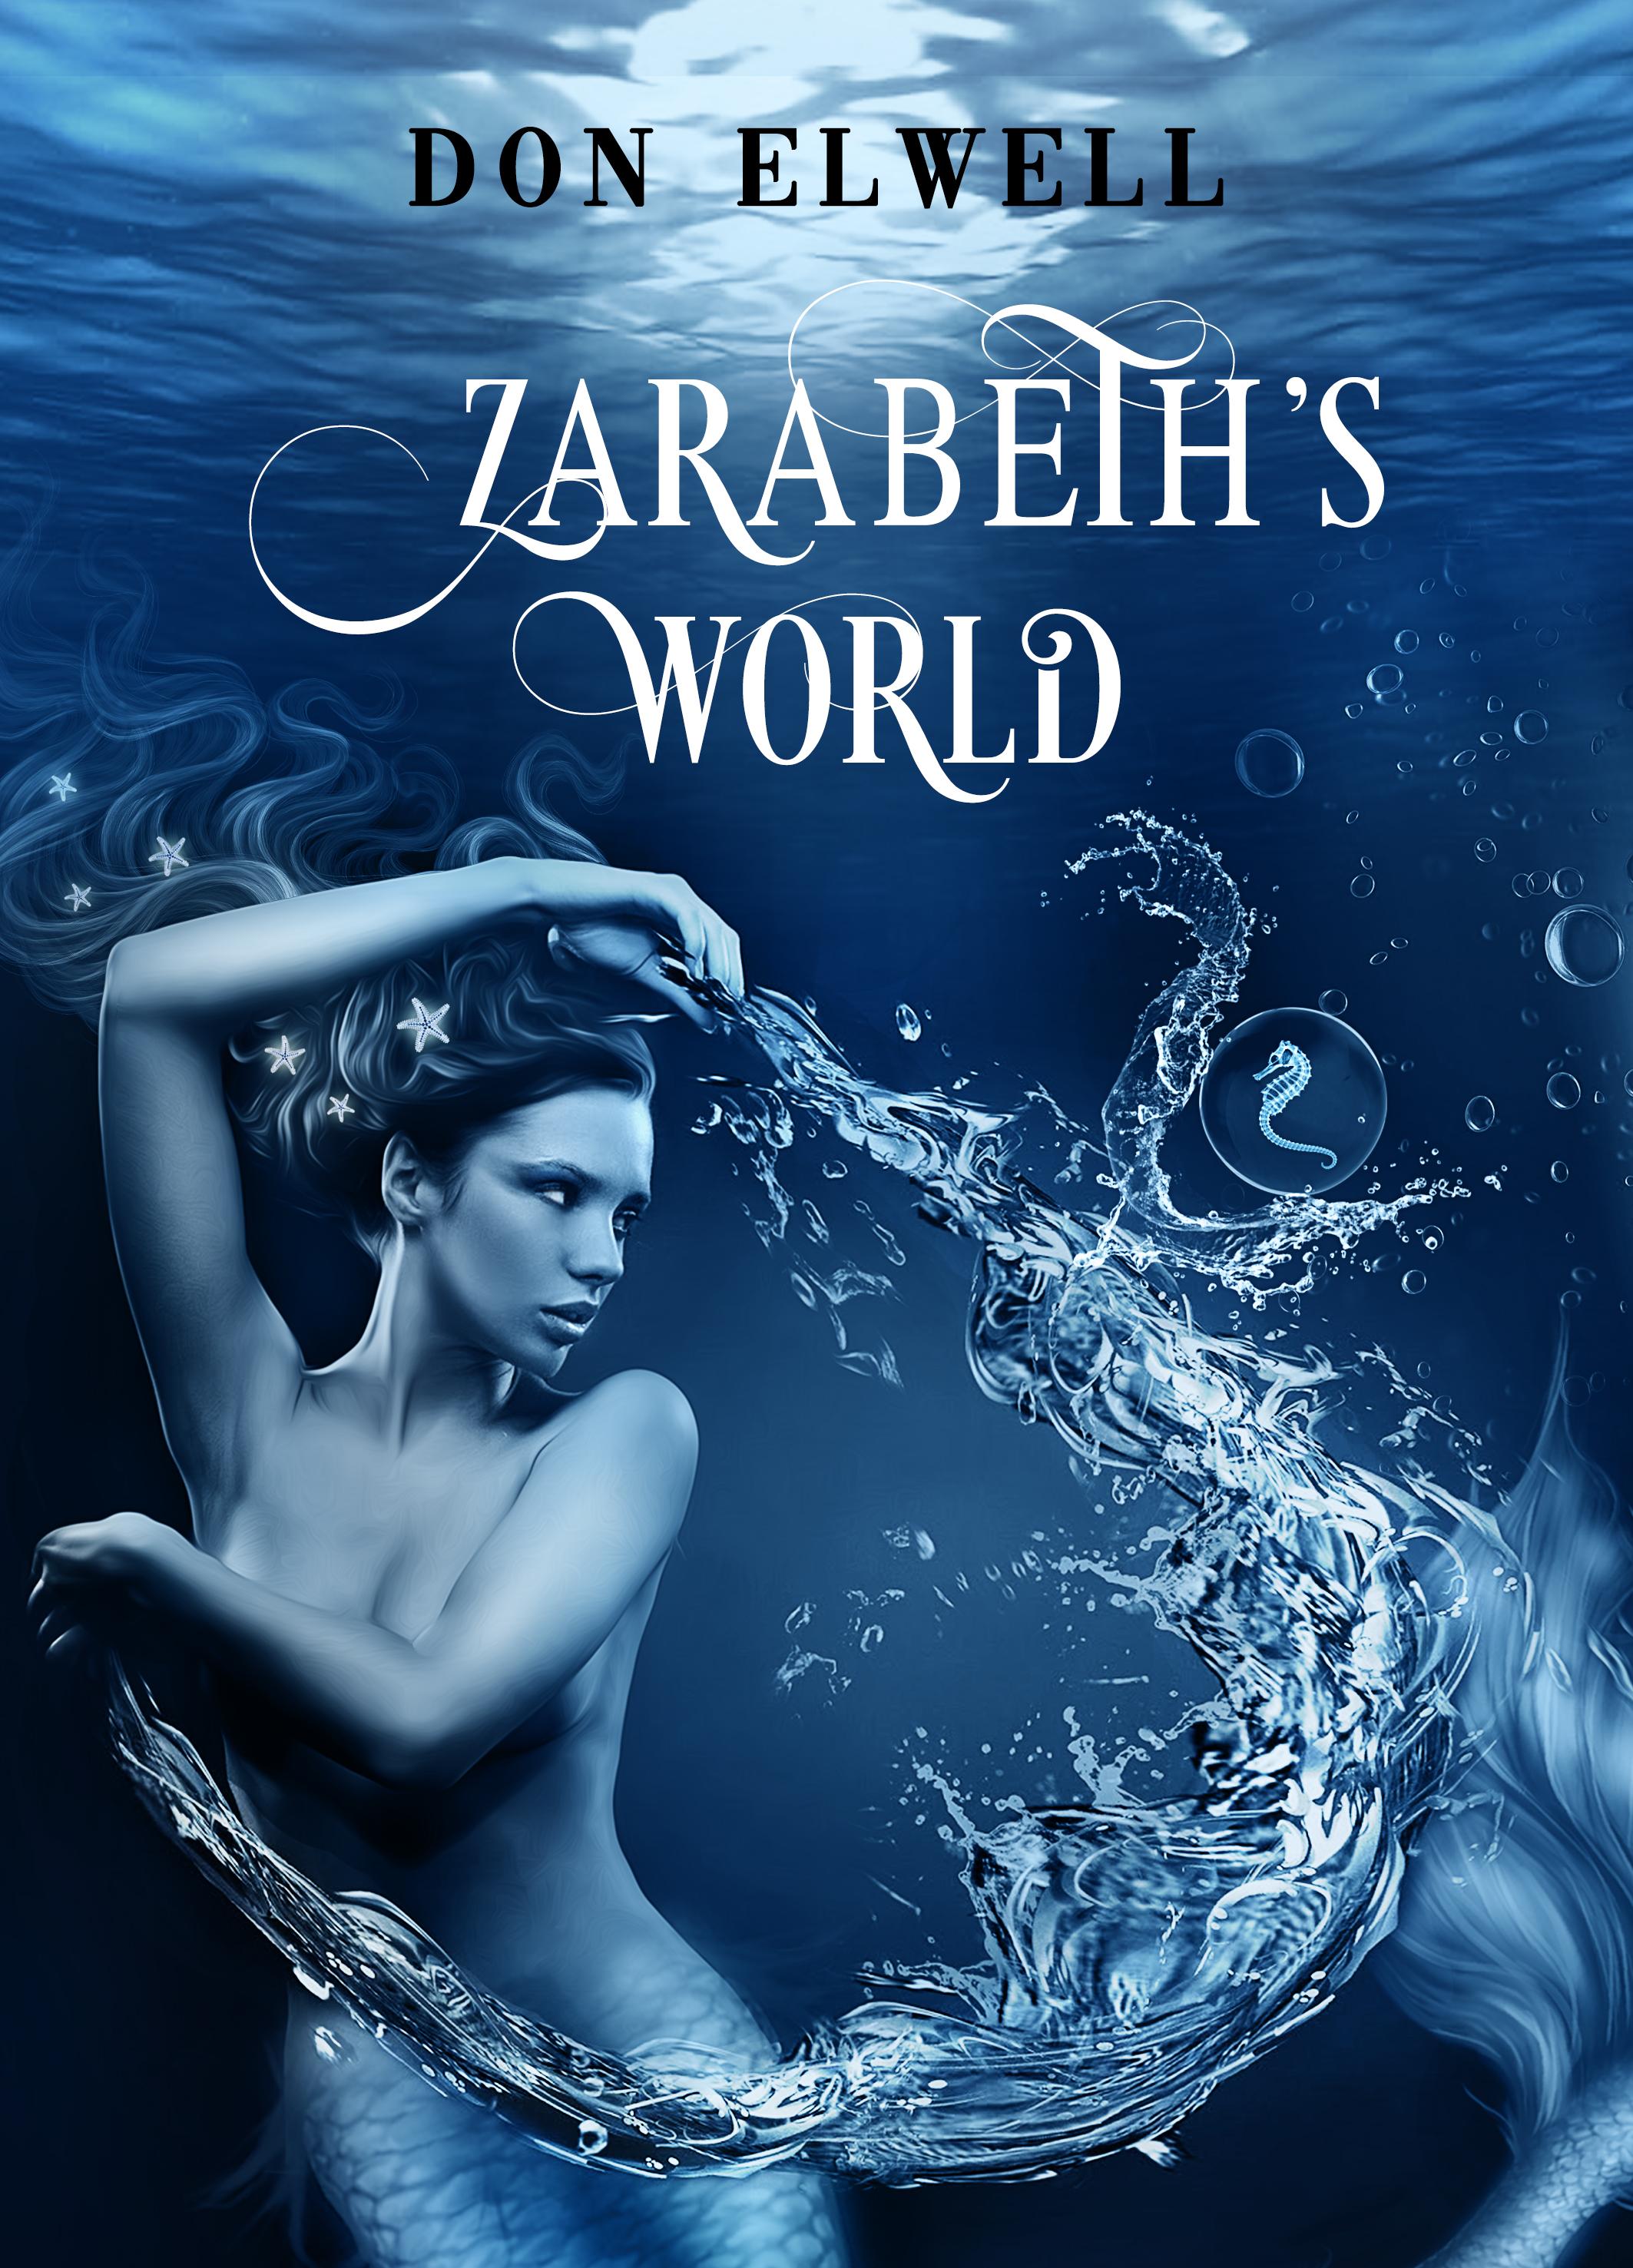 Zarabeth's world